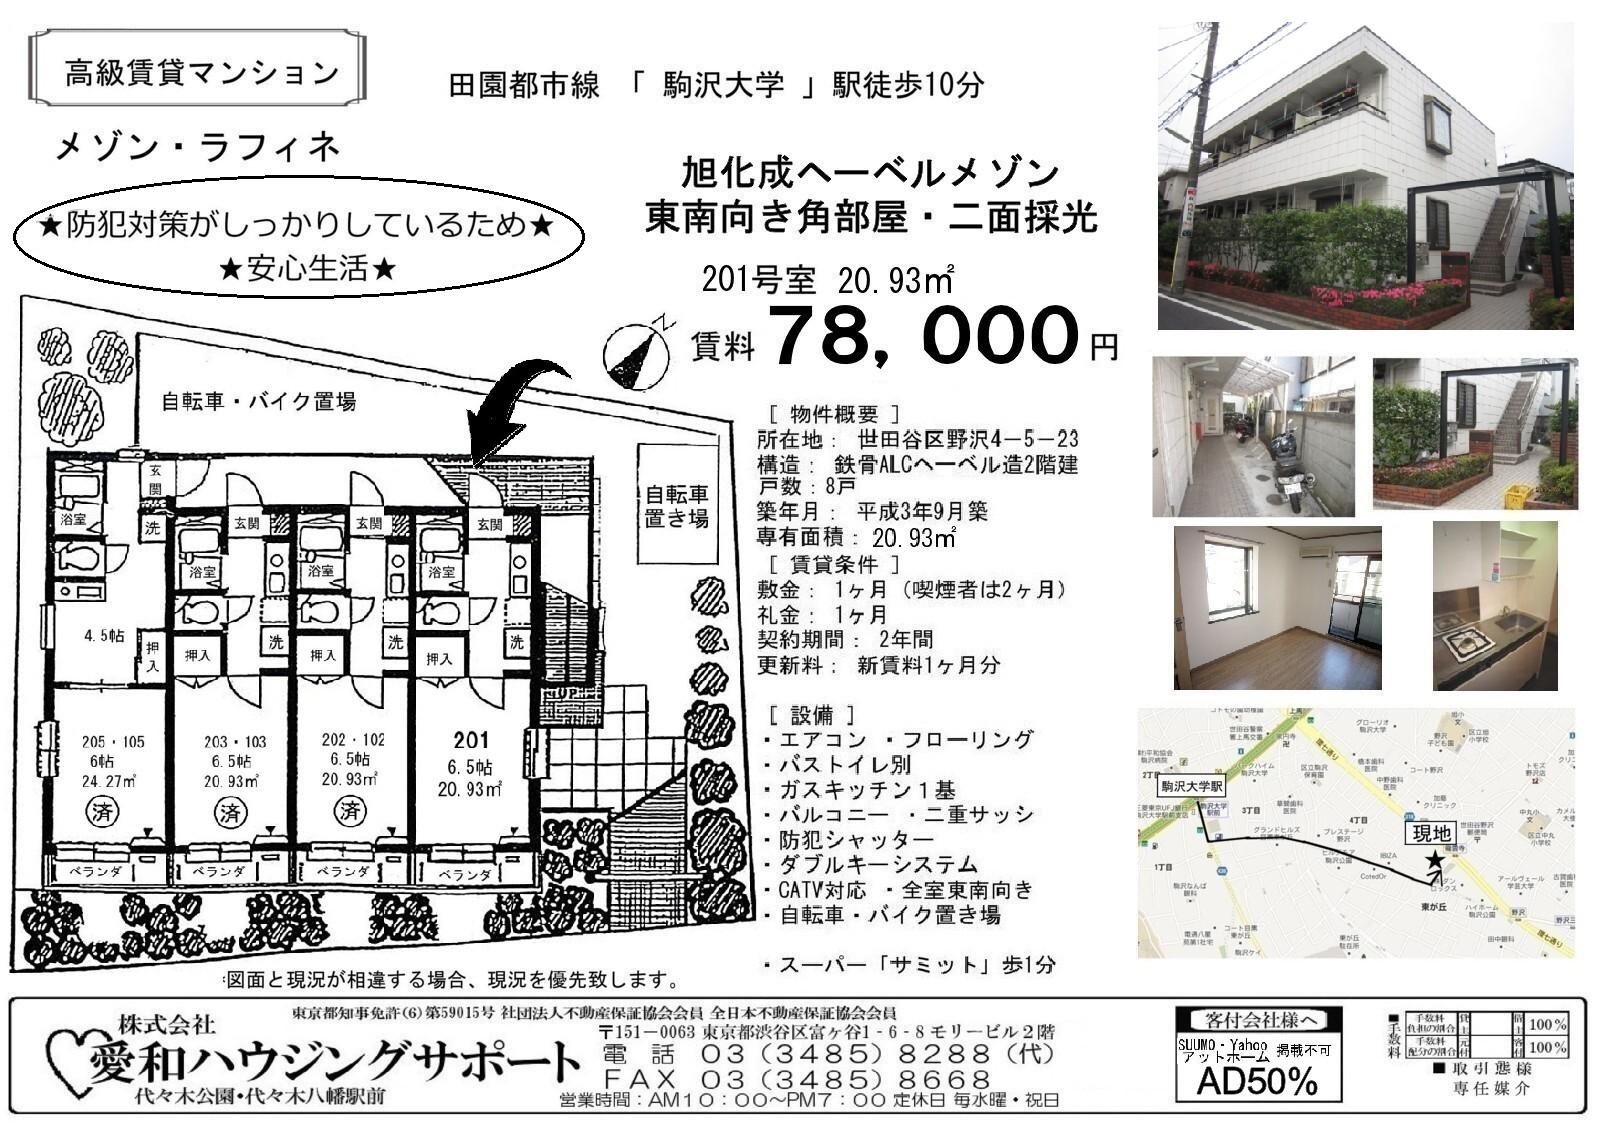 ☆駐輪・バイク置場無料!旭化成へーベルメゾン☆メゾン・ラフィネ(賃貸マンション)